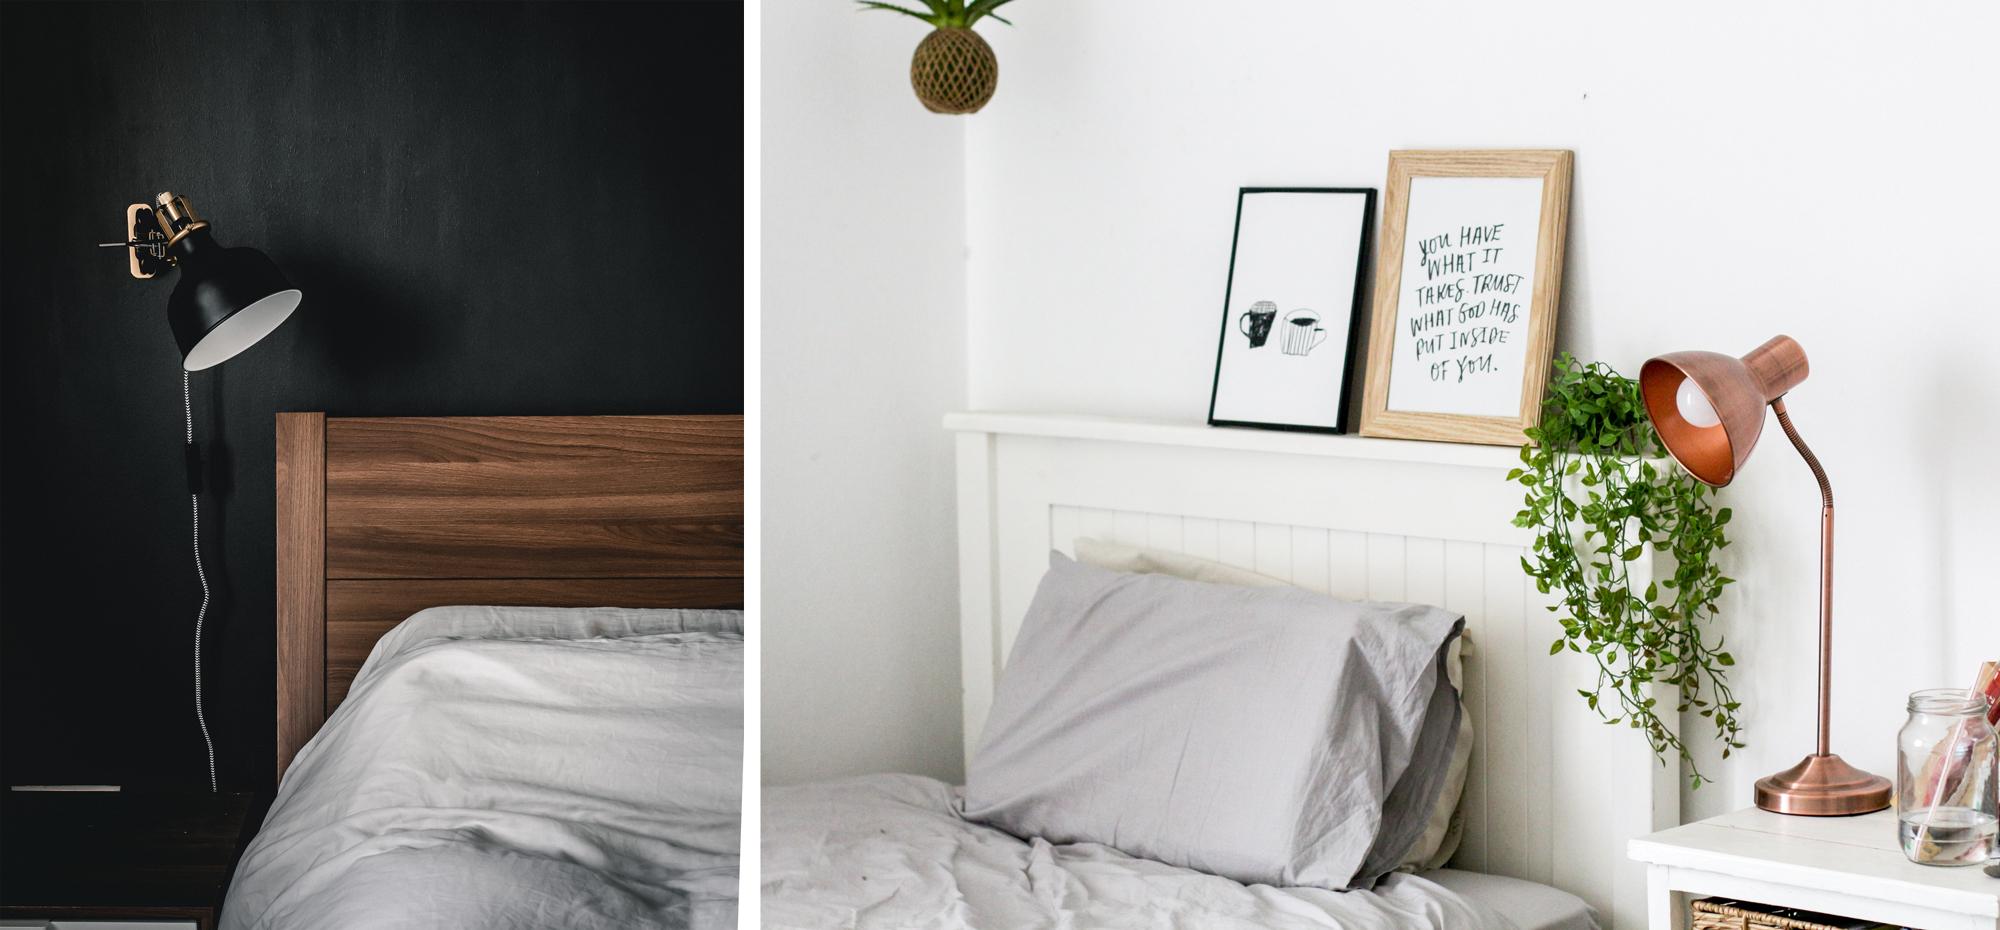 Lampes de chevet chambre cosy et chaleureuse